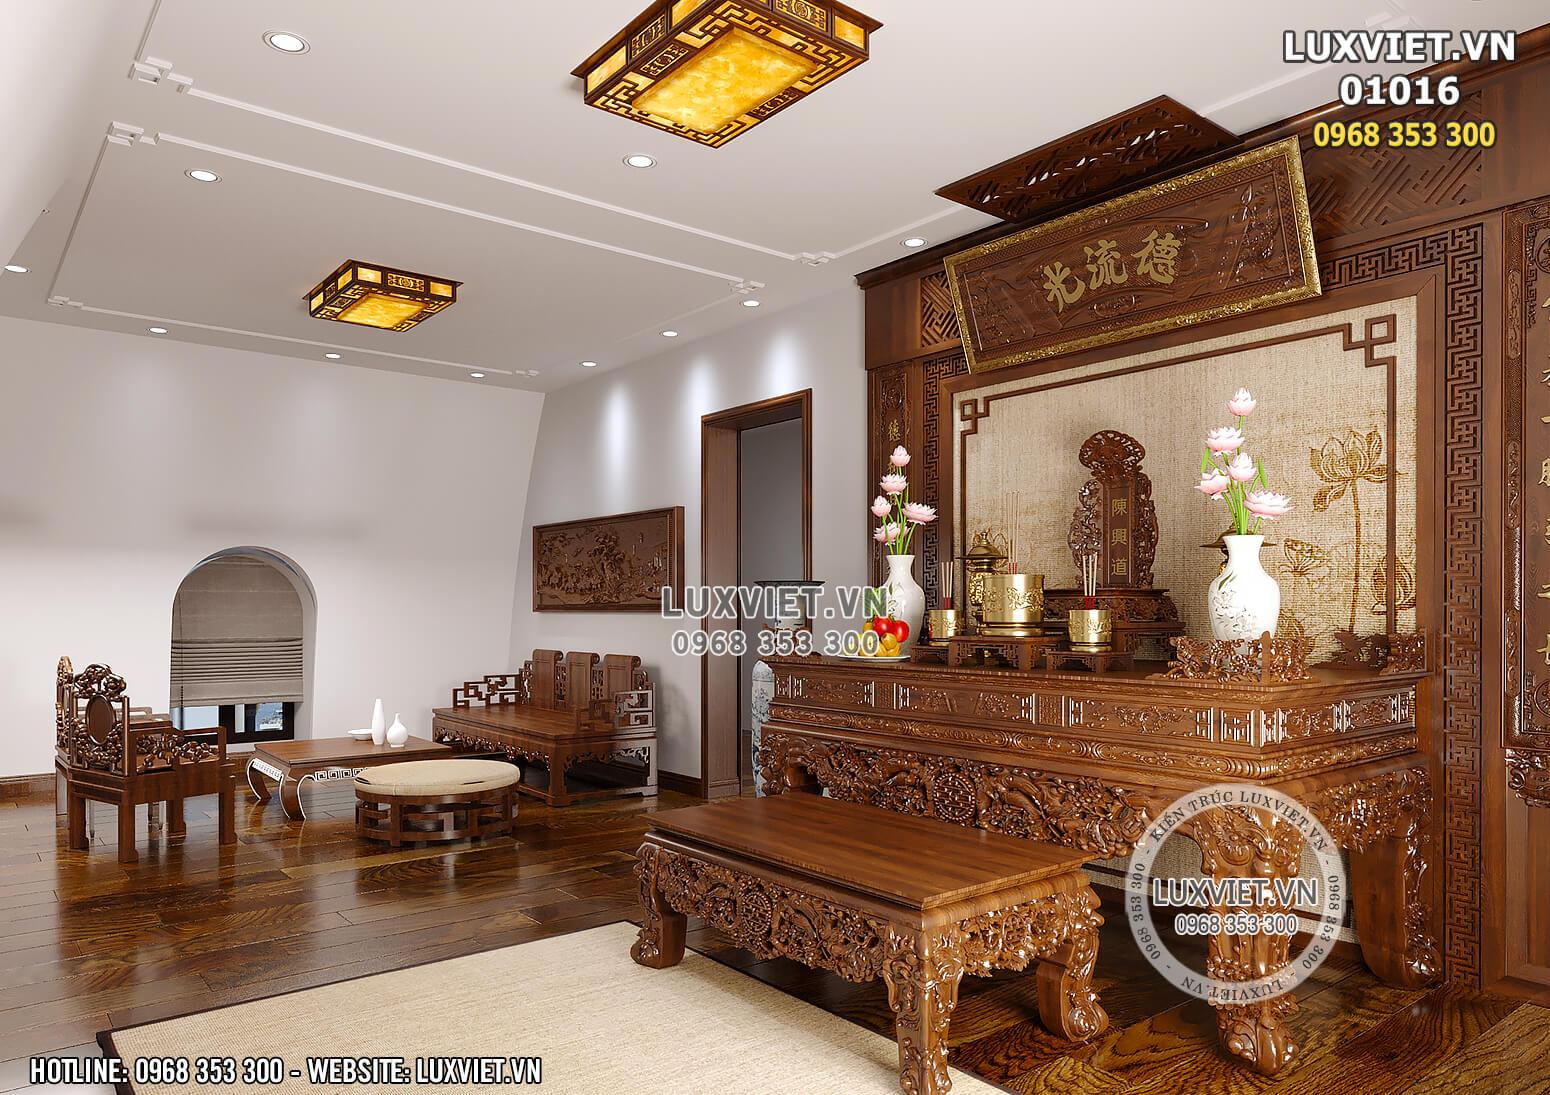 Hình ảnh: Không gian khu vực phòng thờ của mẫu thiết kế nội thất tân cổ điển đẹp 1